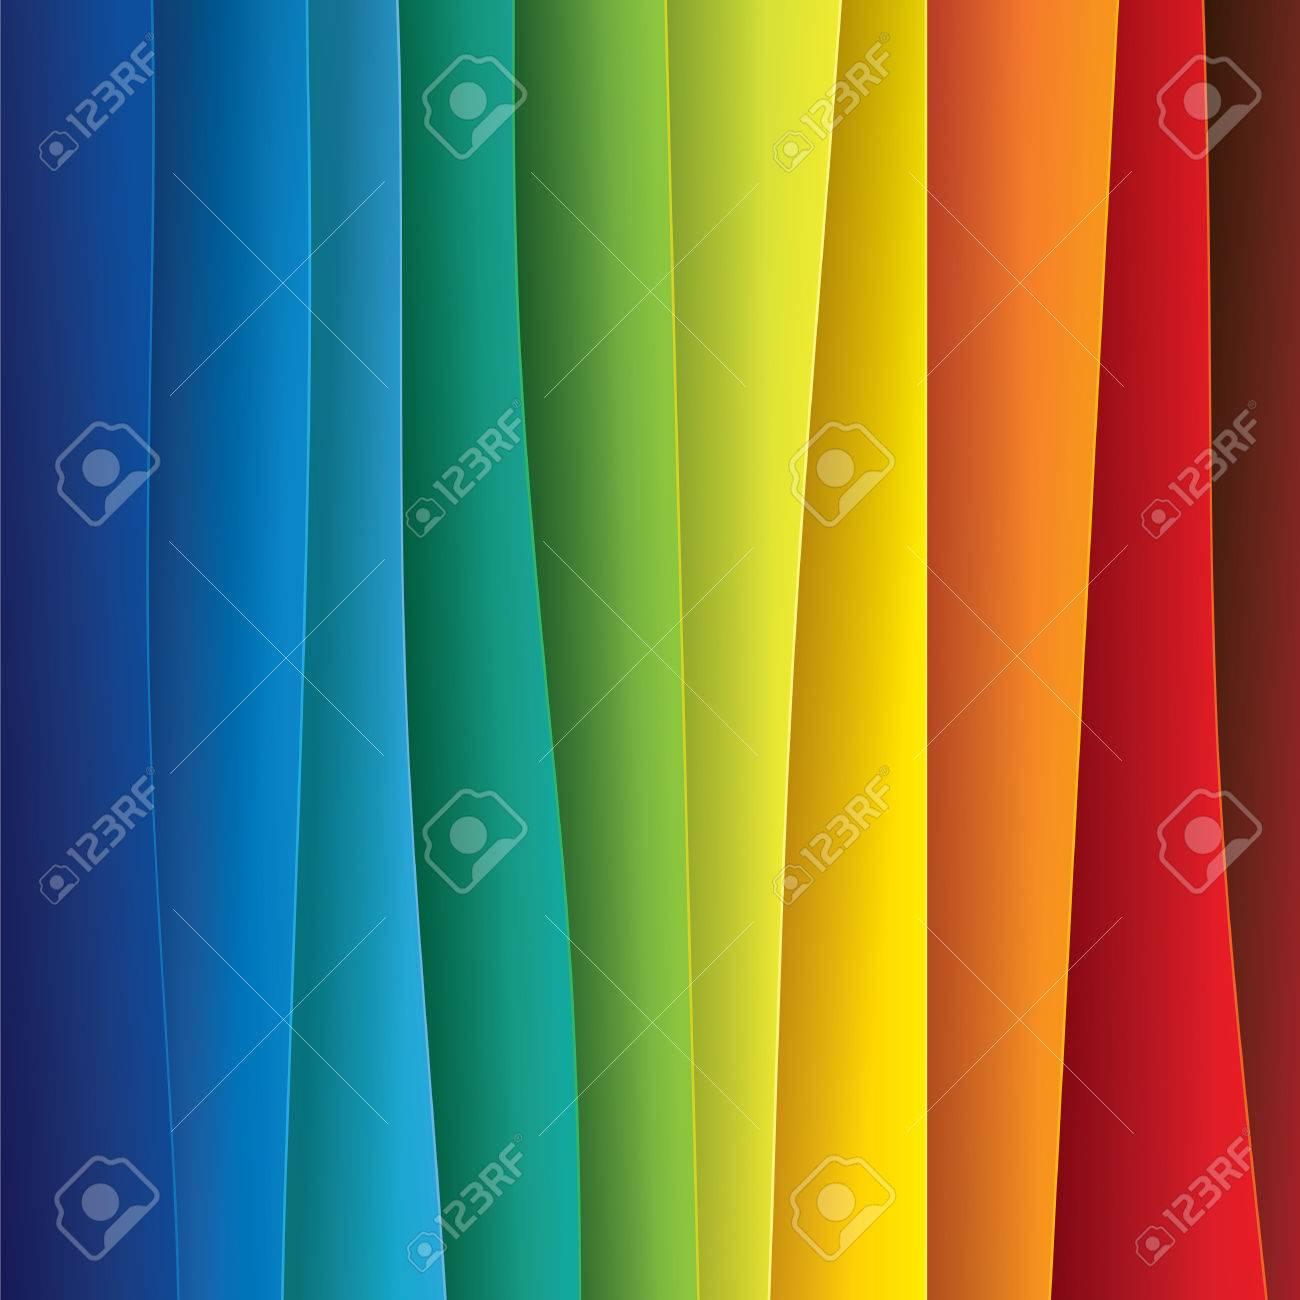 Fondo Colorido Papel O De Plástico Hojas Abstractos - Vector ...